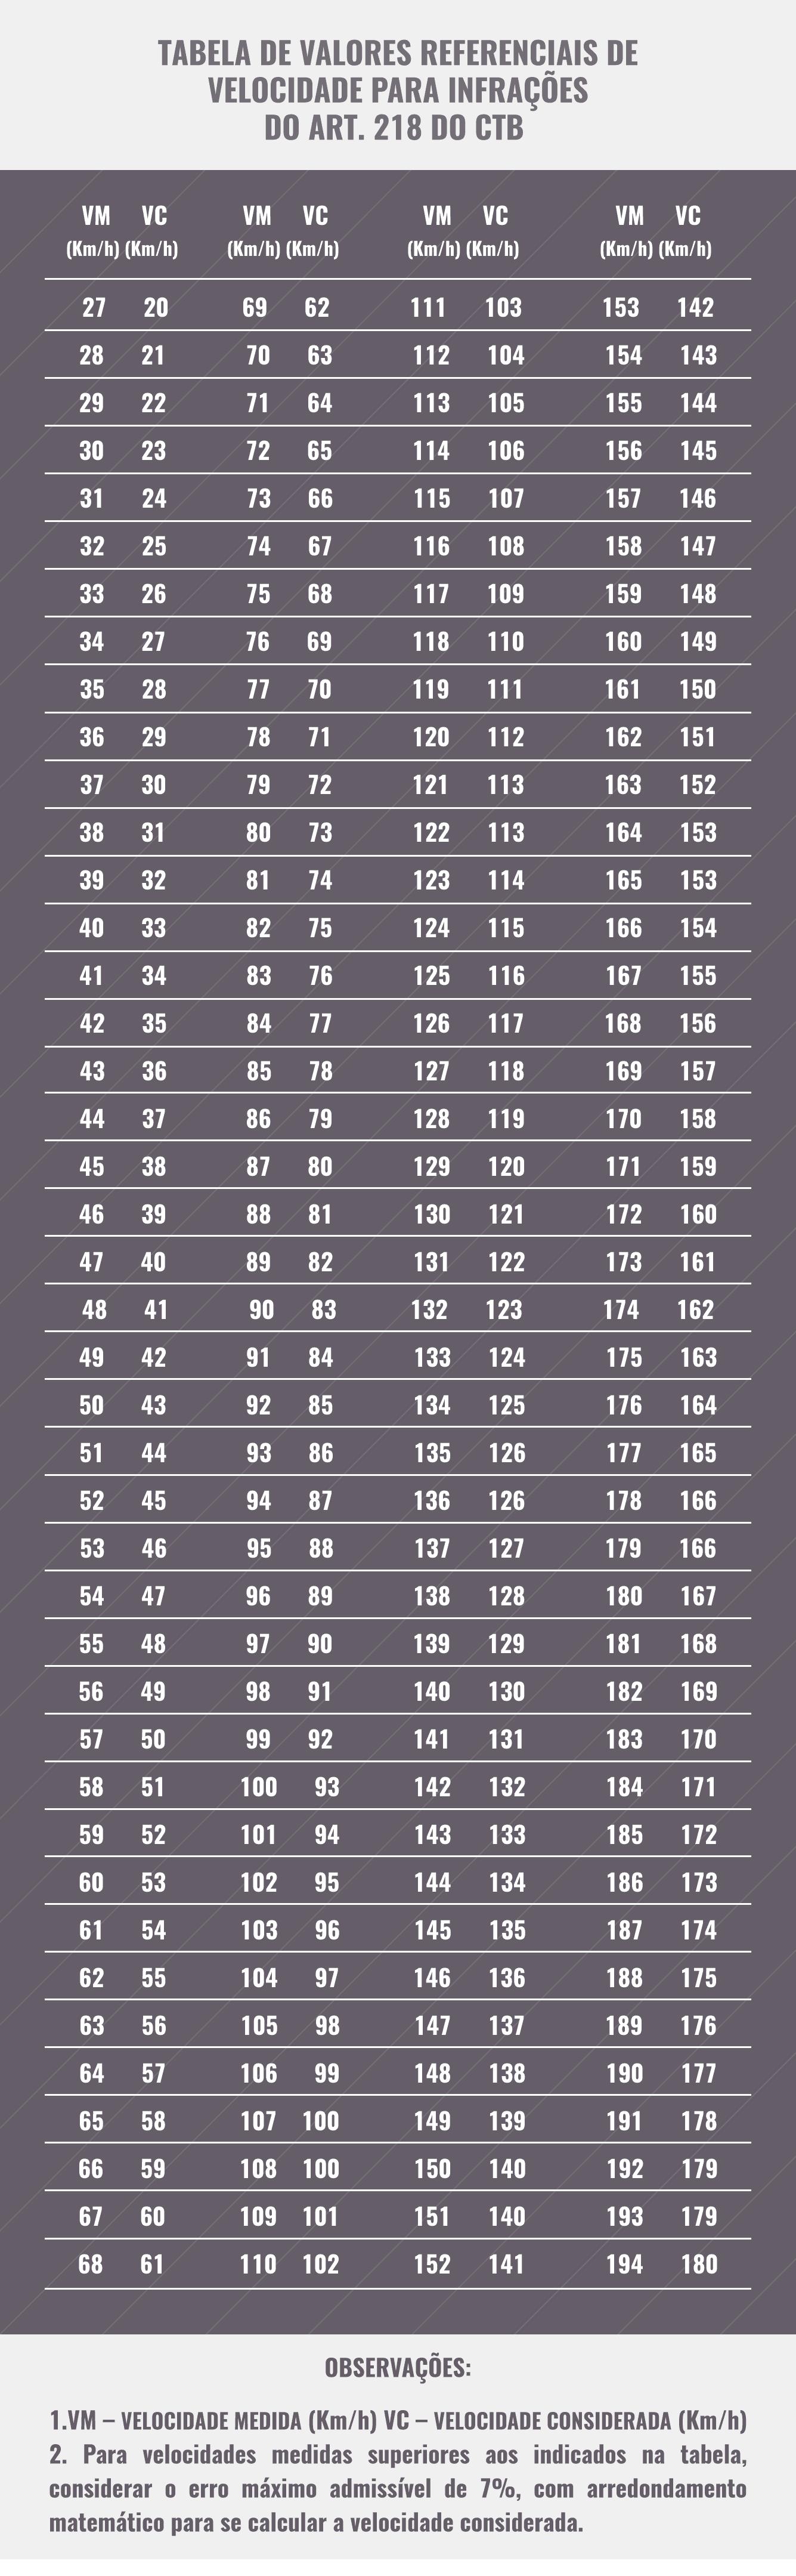 excesso de velocidade tabela